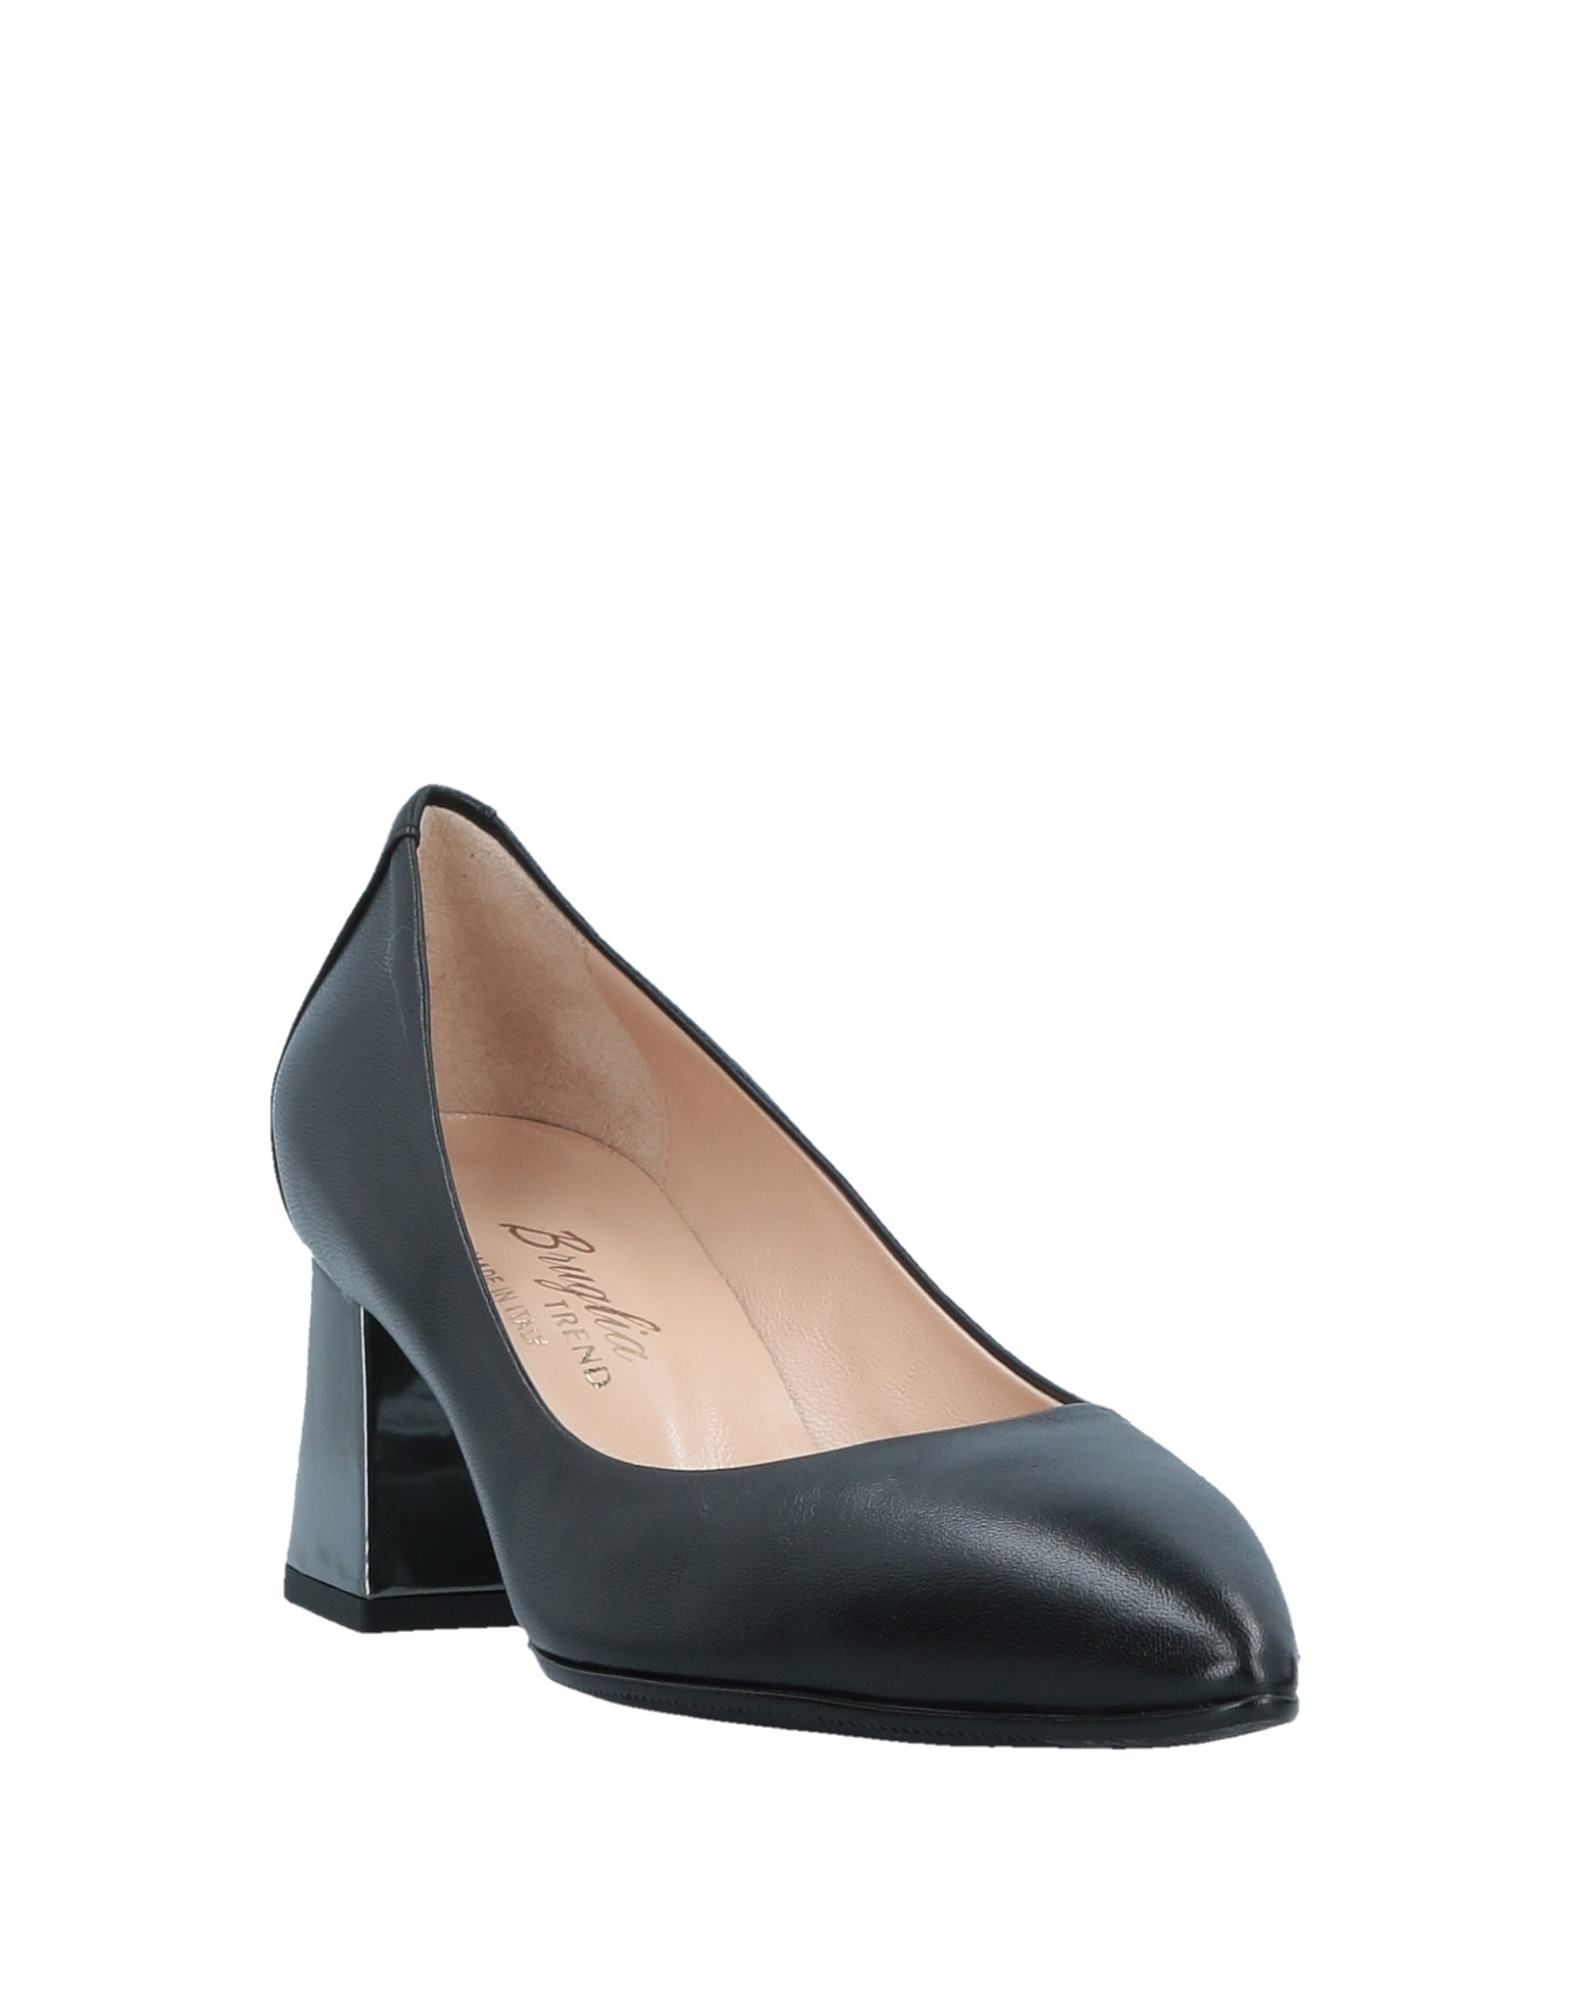 f752186ac1026a ... Gut um Pumps billige Schuhe zu tragenF.Lli Bruglia Pumps um Damen  11517849EG d3a37f ...